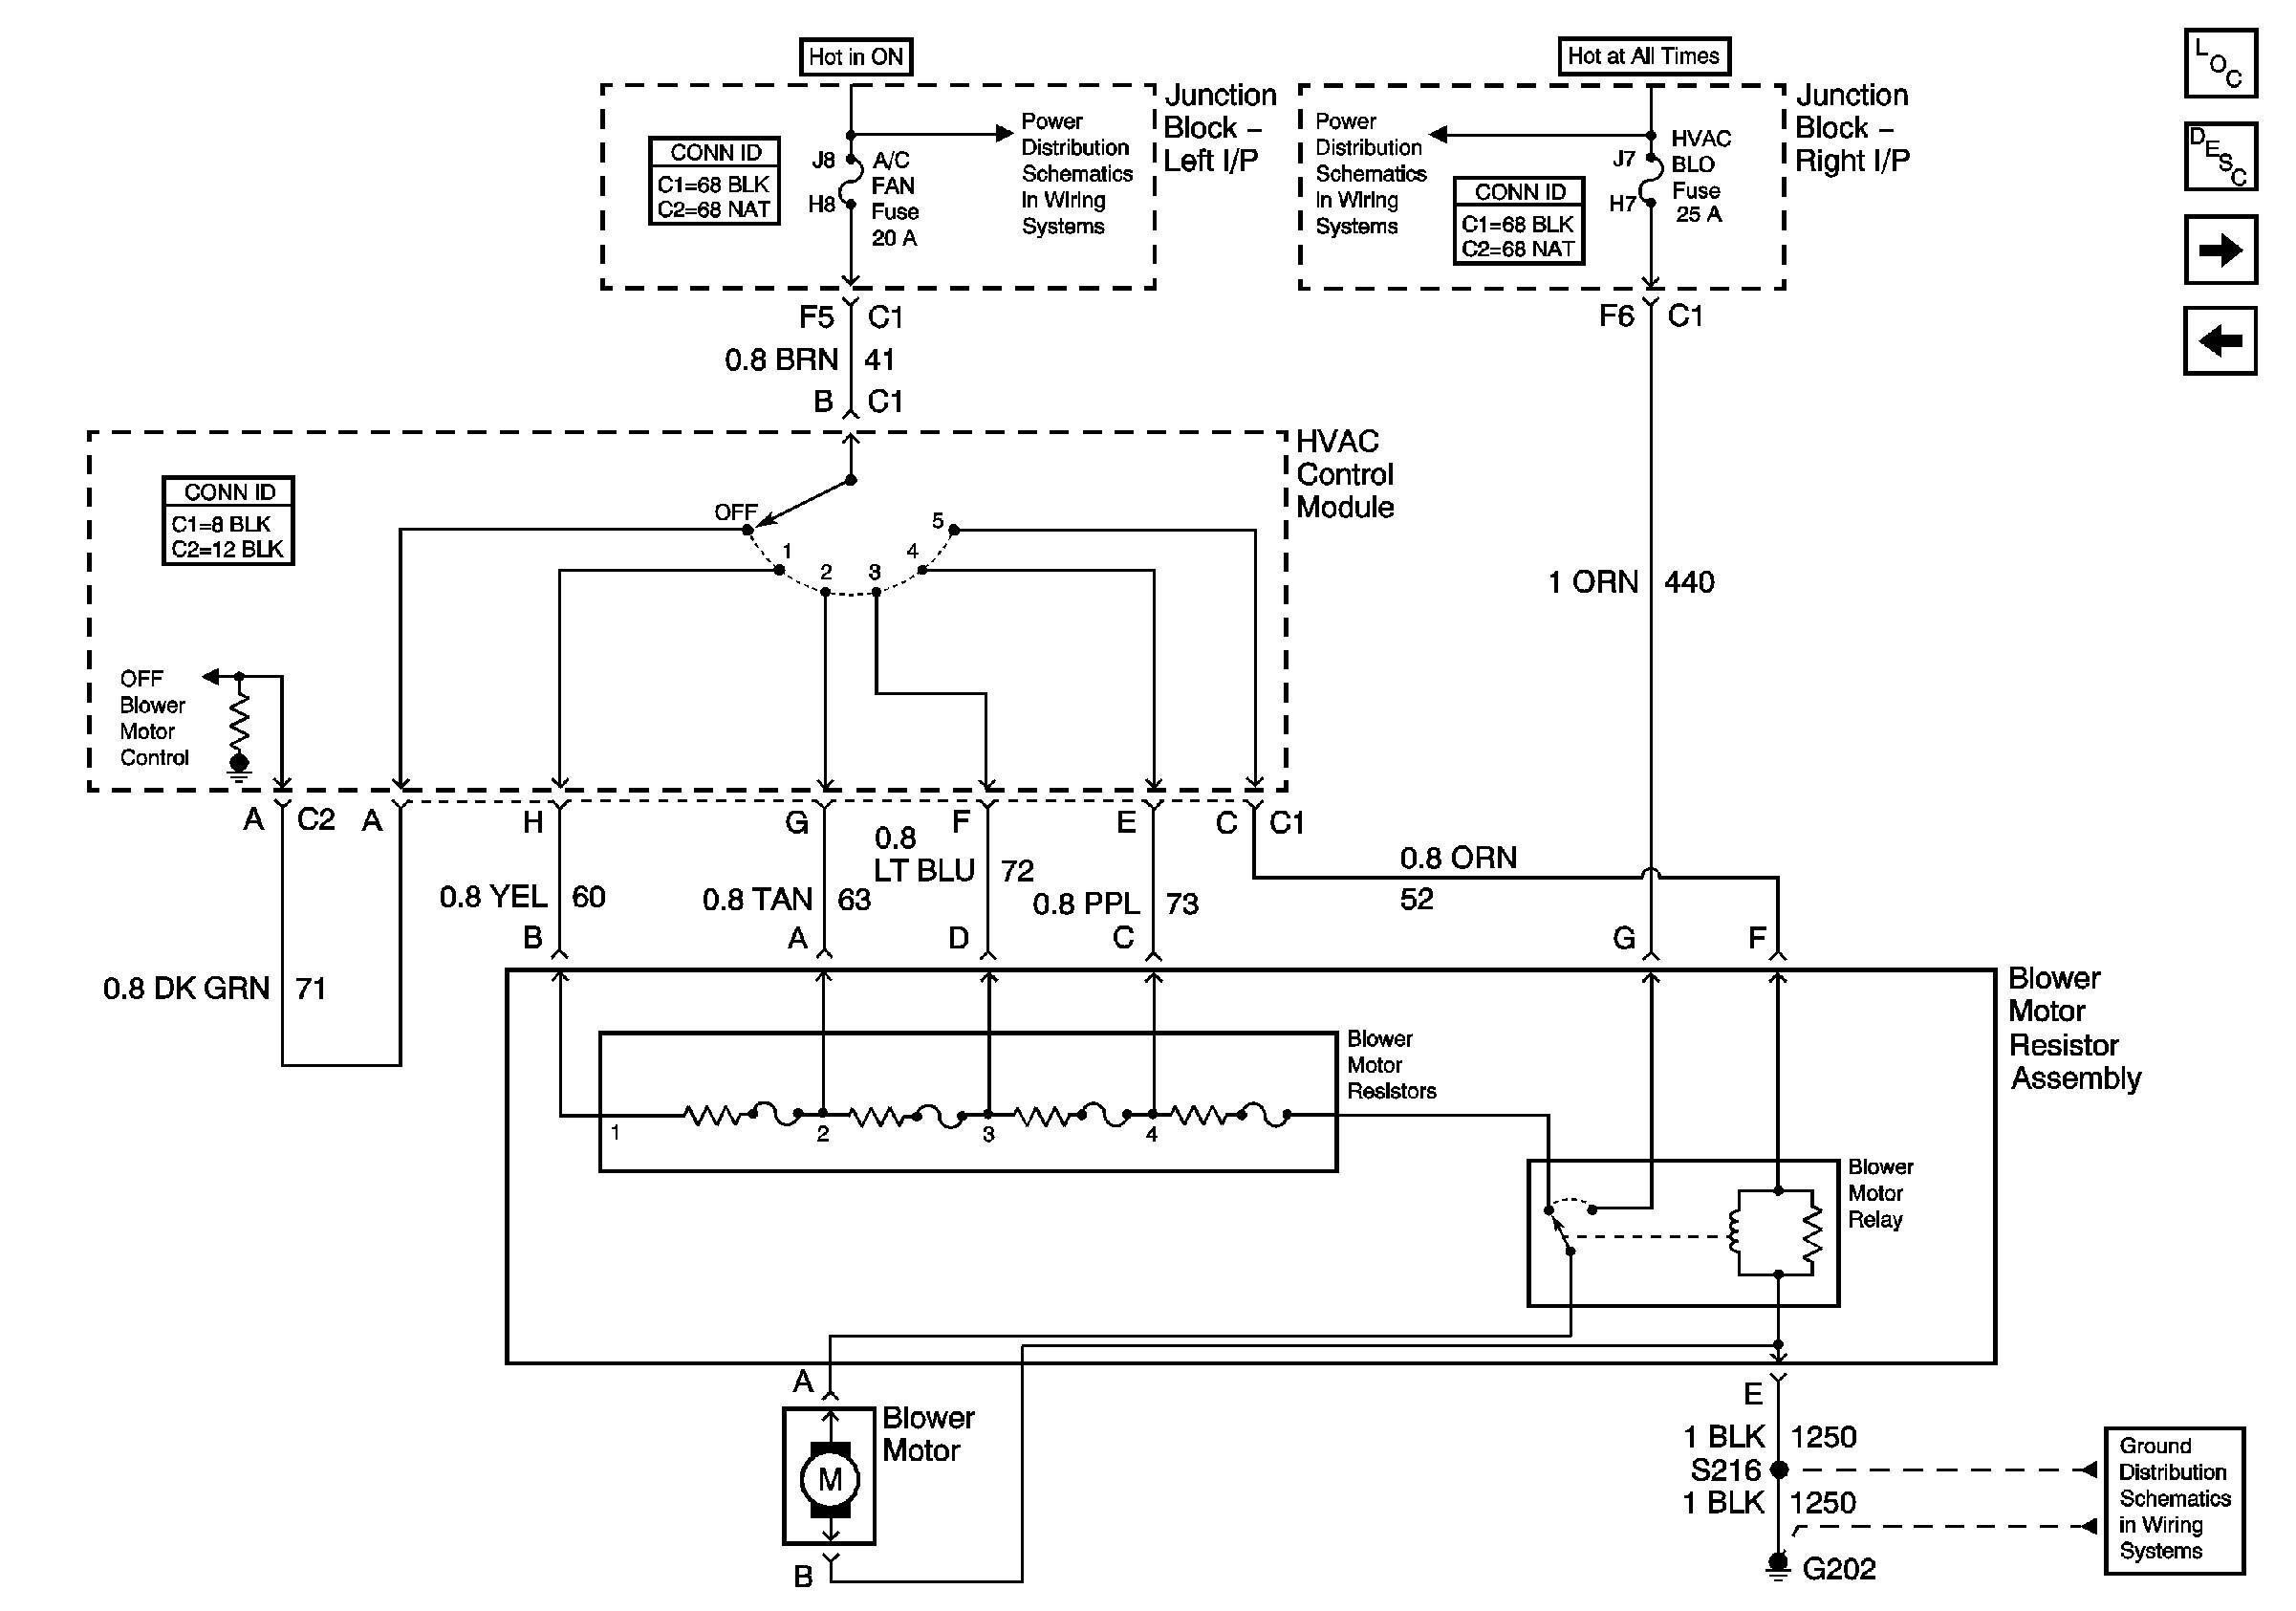 2002 Silverado Radio Wiring Harness - Wiring Diagram Jaguar E Type for Wiring  Diagram SchematicsWiring Diagram Schematics